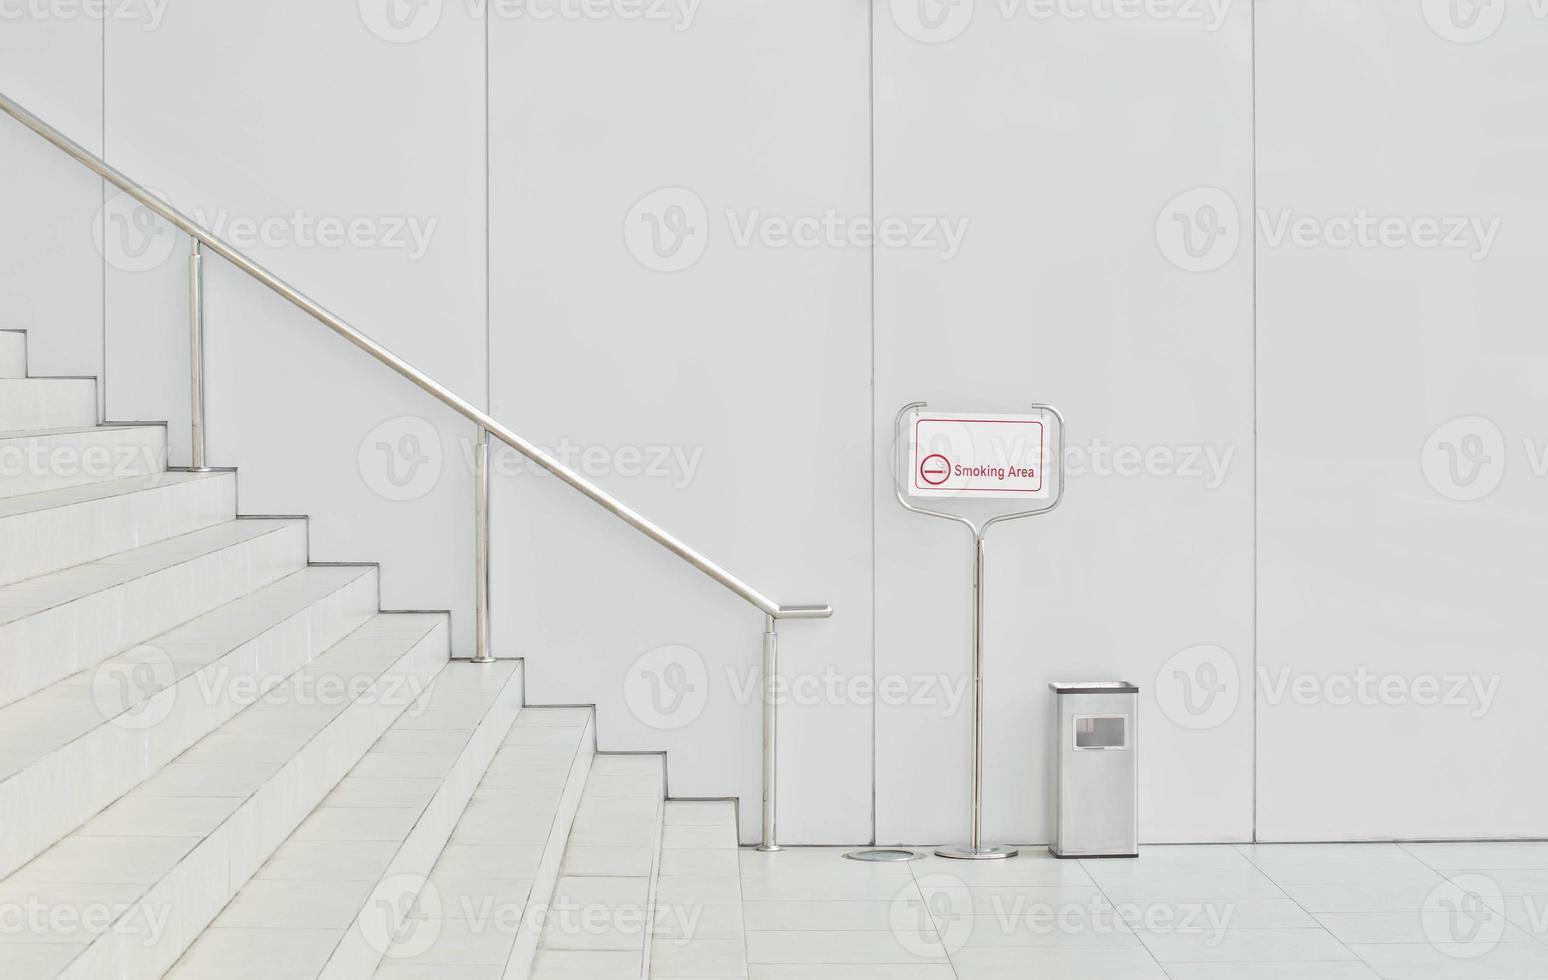 aangewezen rookruimte teken foto